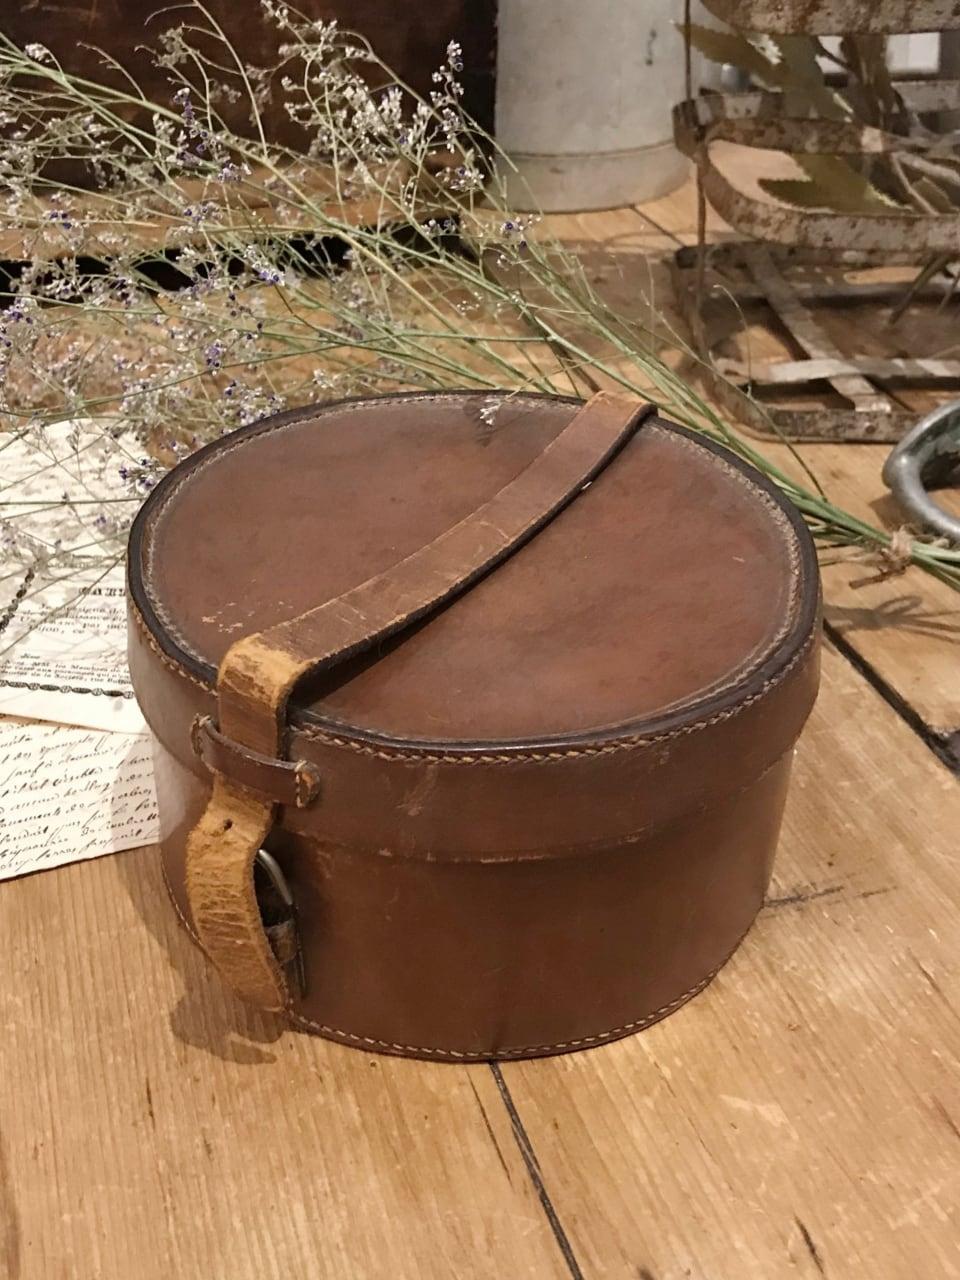 フランス オーバル レザーボックス 丸形 革